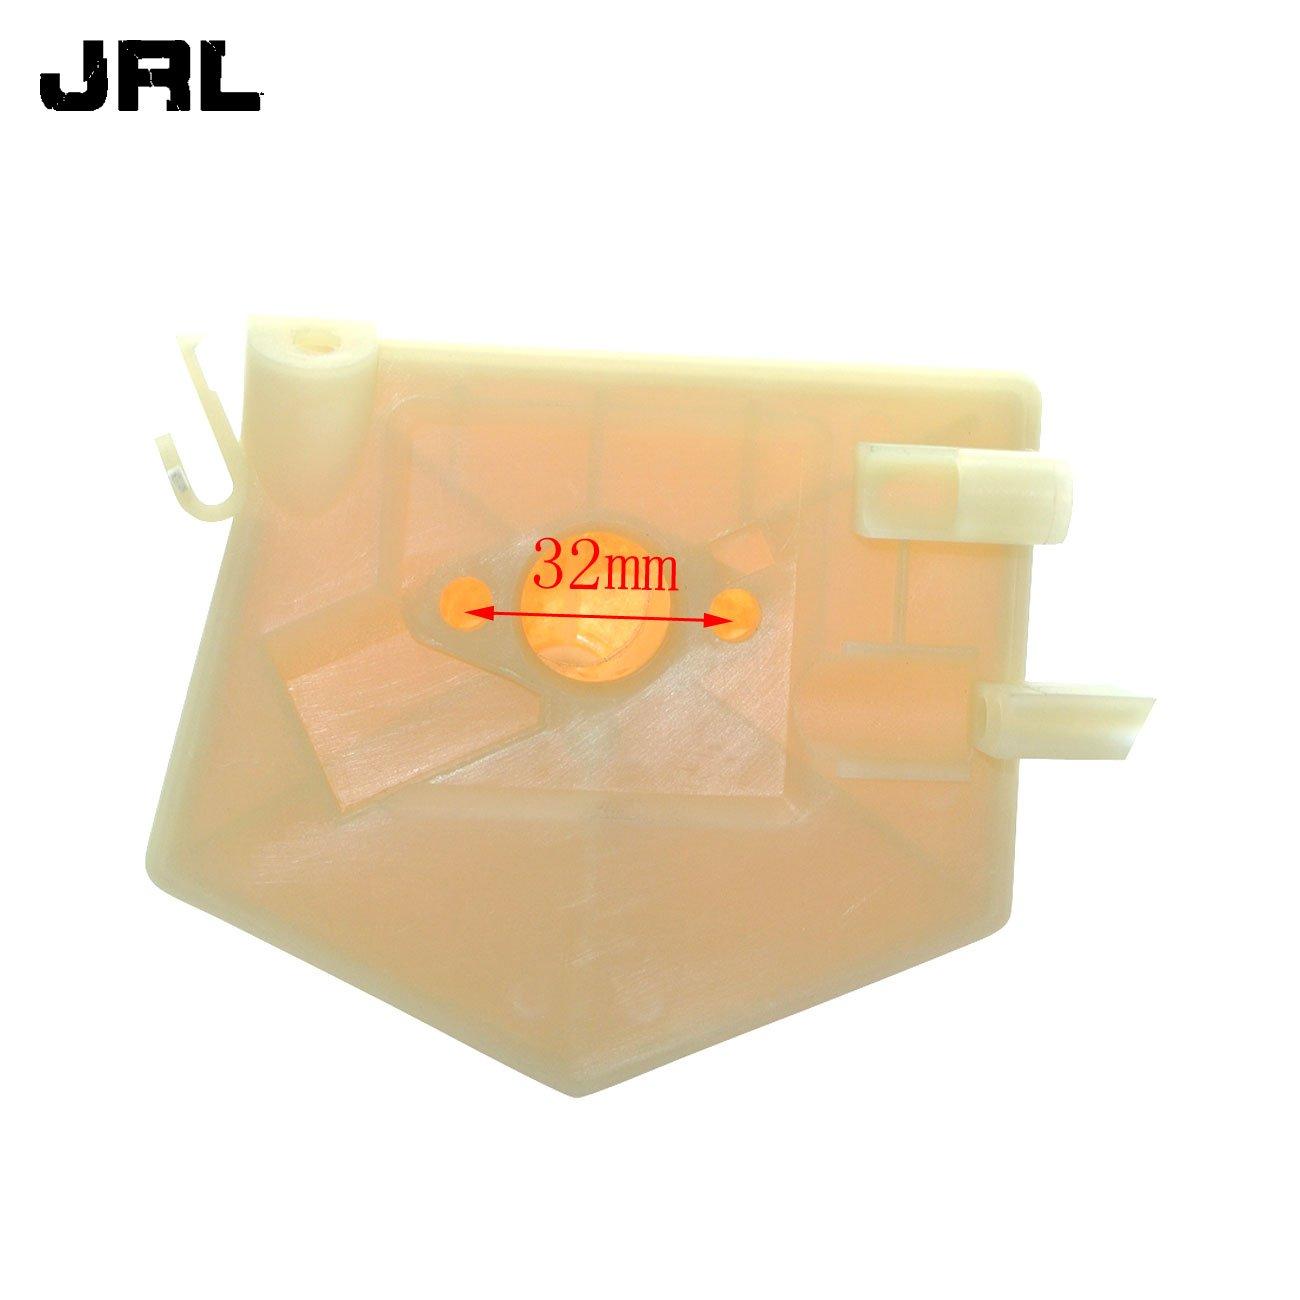 Jrl Recoil Starter Kit de filtre /à carburant Tune Up Air sadapter tron/çonneuse Husqvarna 55/51/50